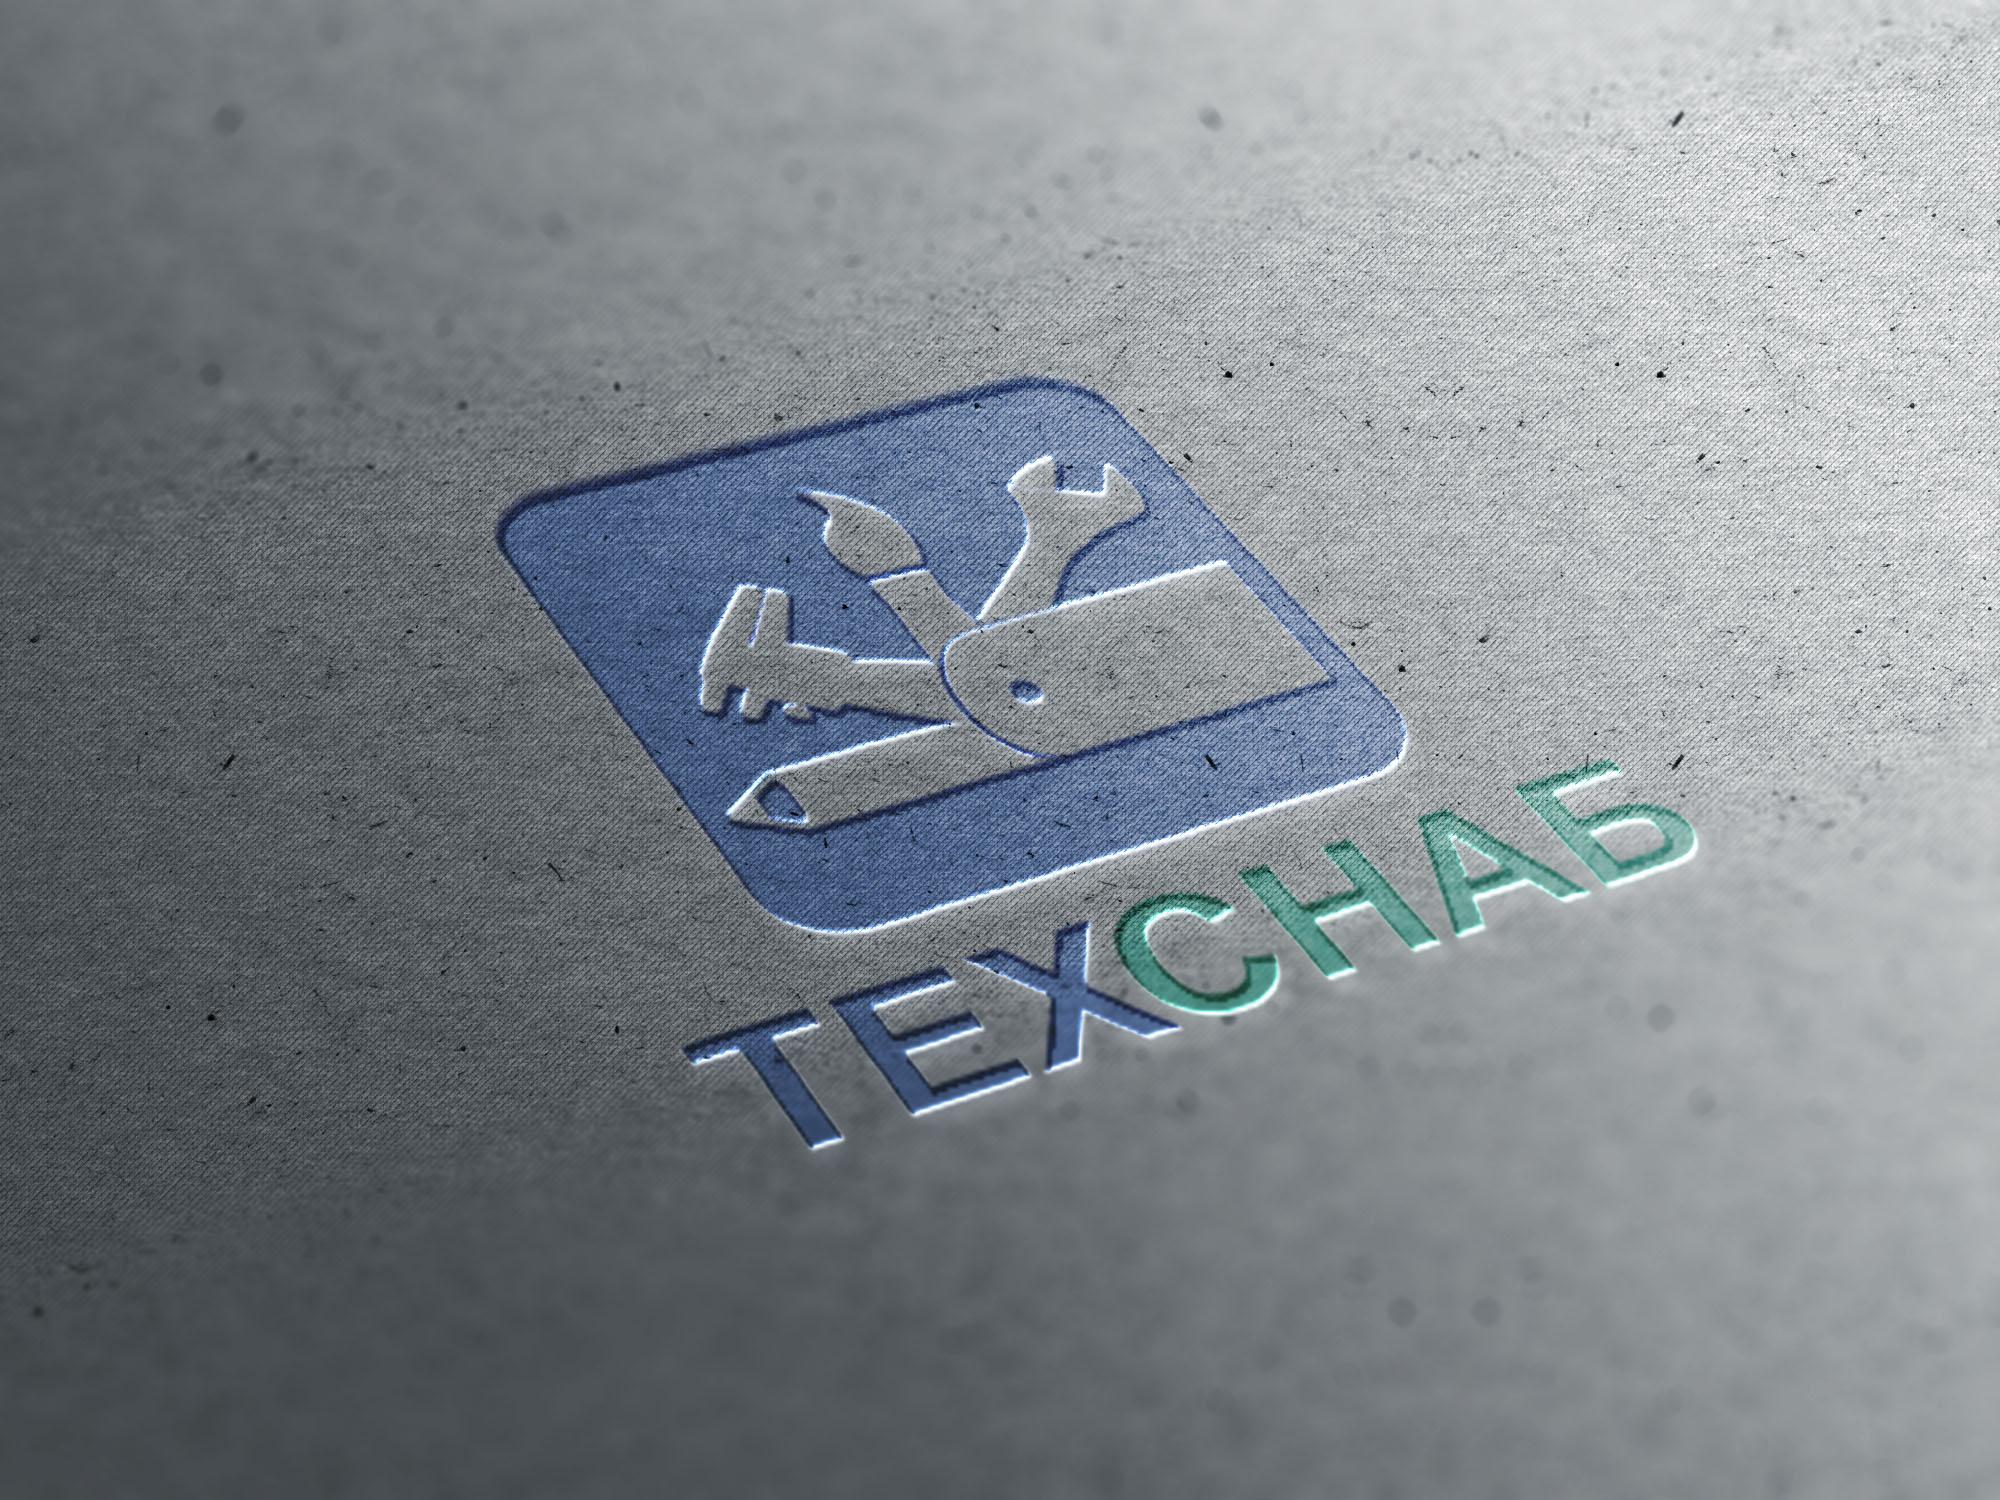 Разработка логотипа и фирм. стиля компании  ТЕХСНАБ фото f_7185b1f799a870f7.jpg